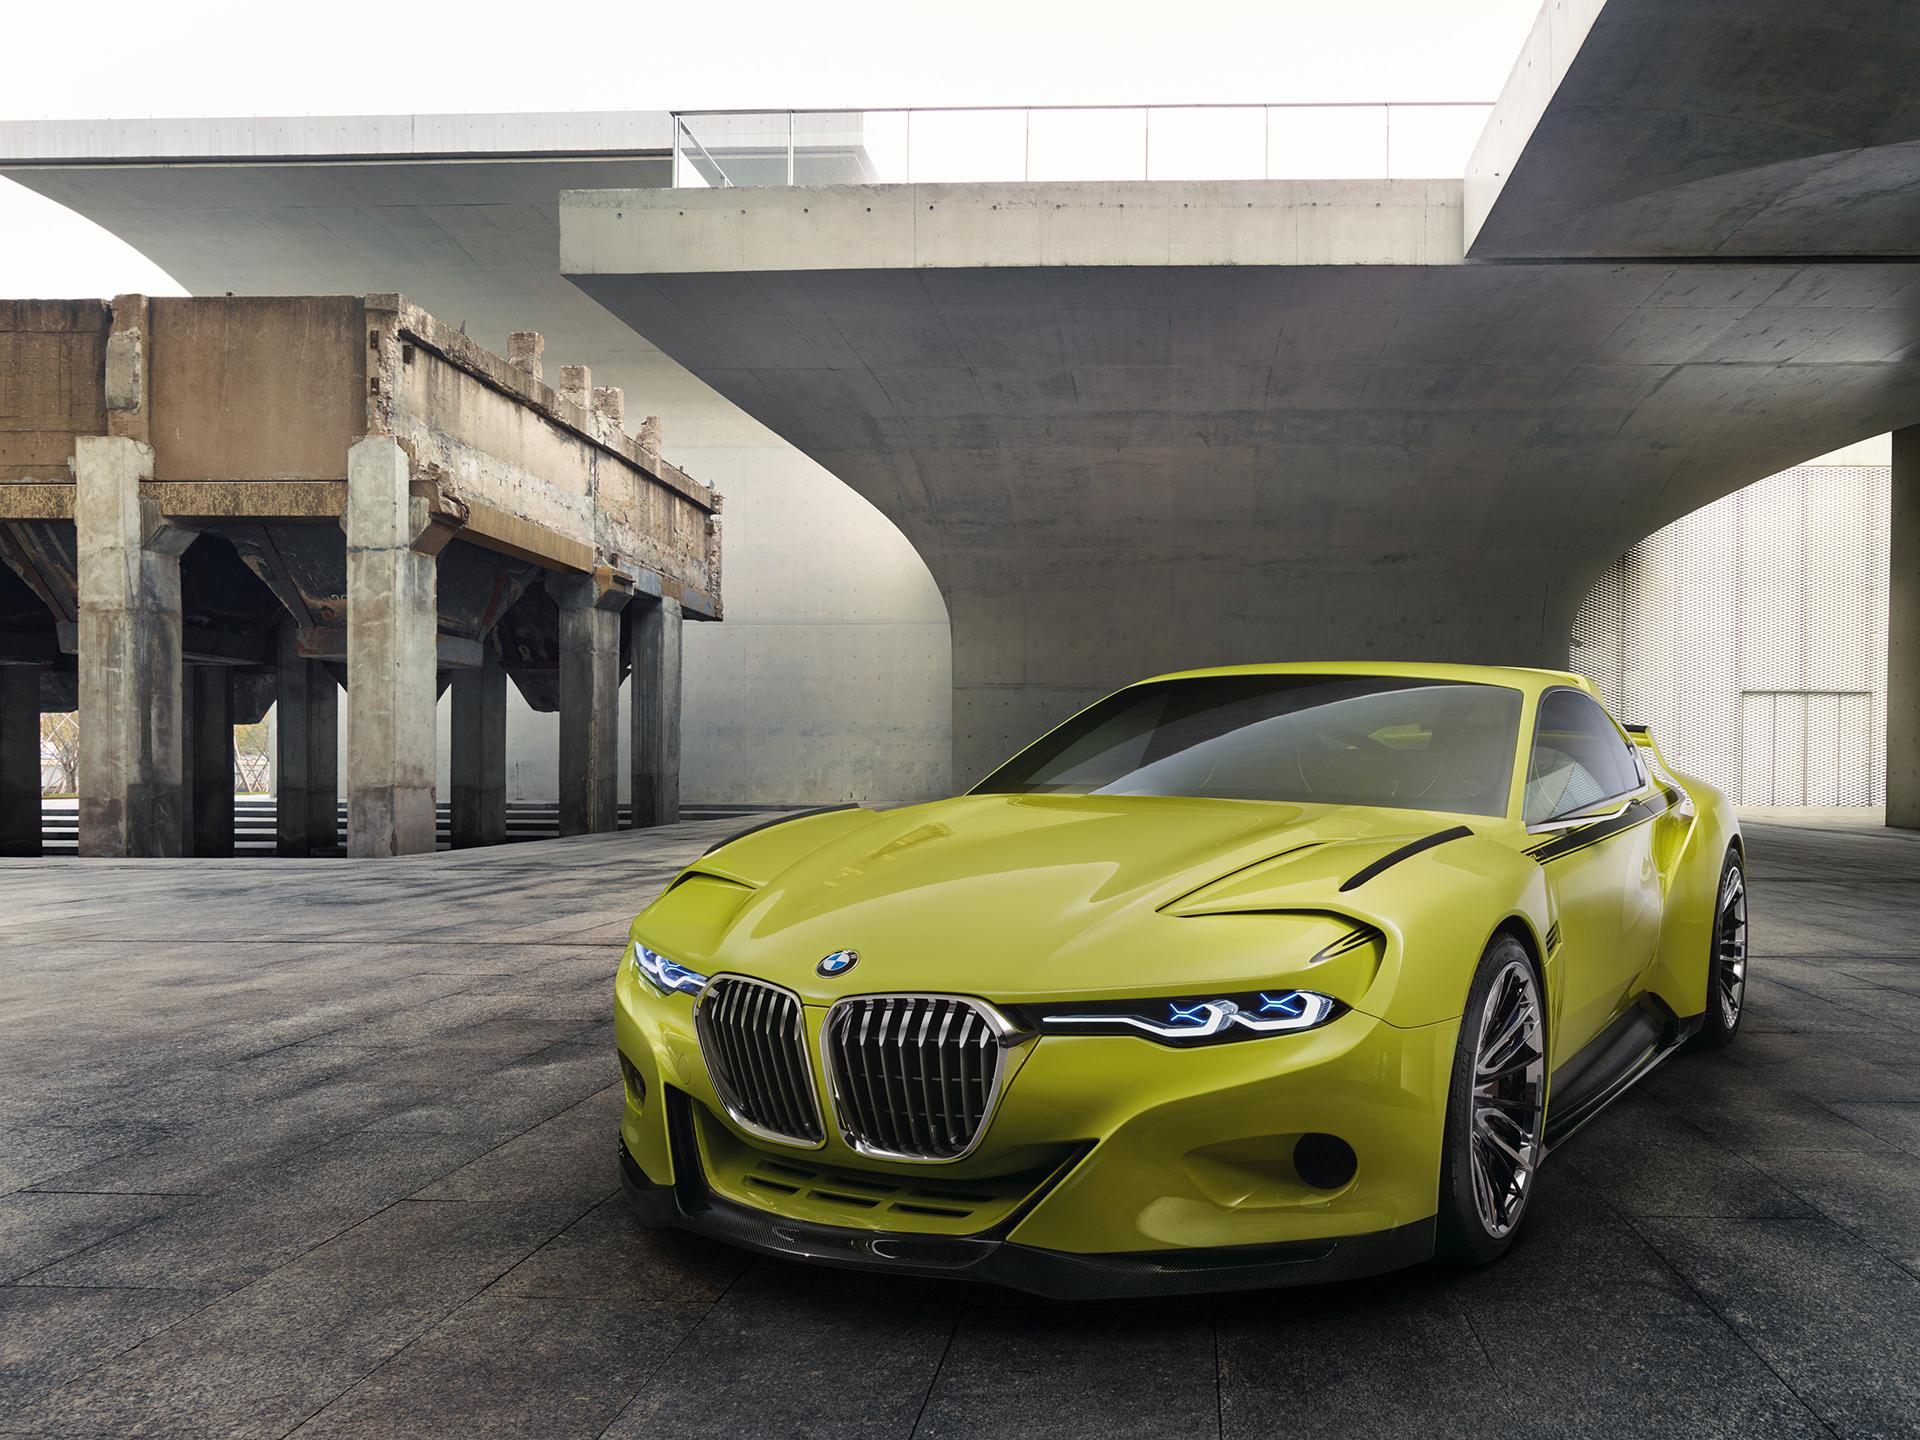 BMW 3.0 CSL Hommage - external front / avant extérieur